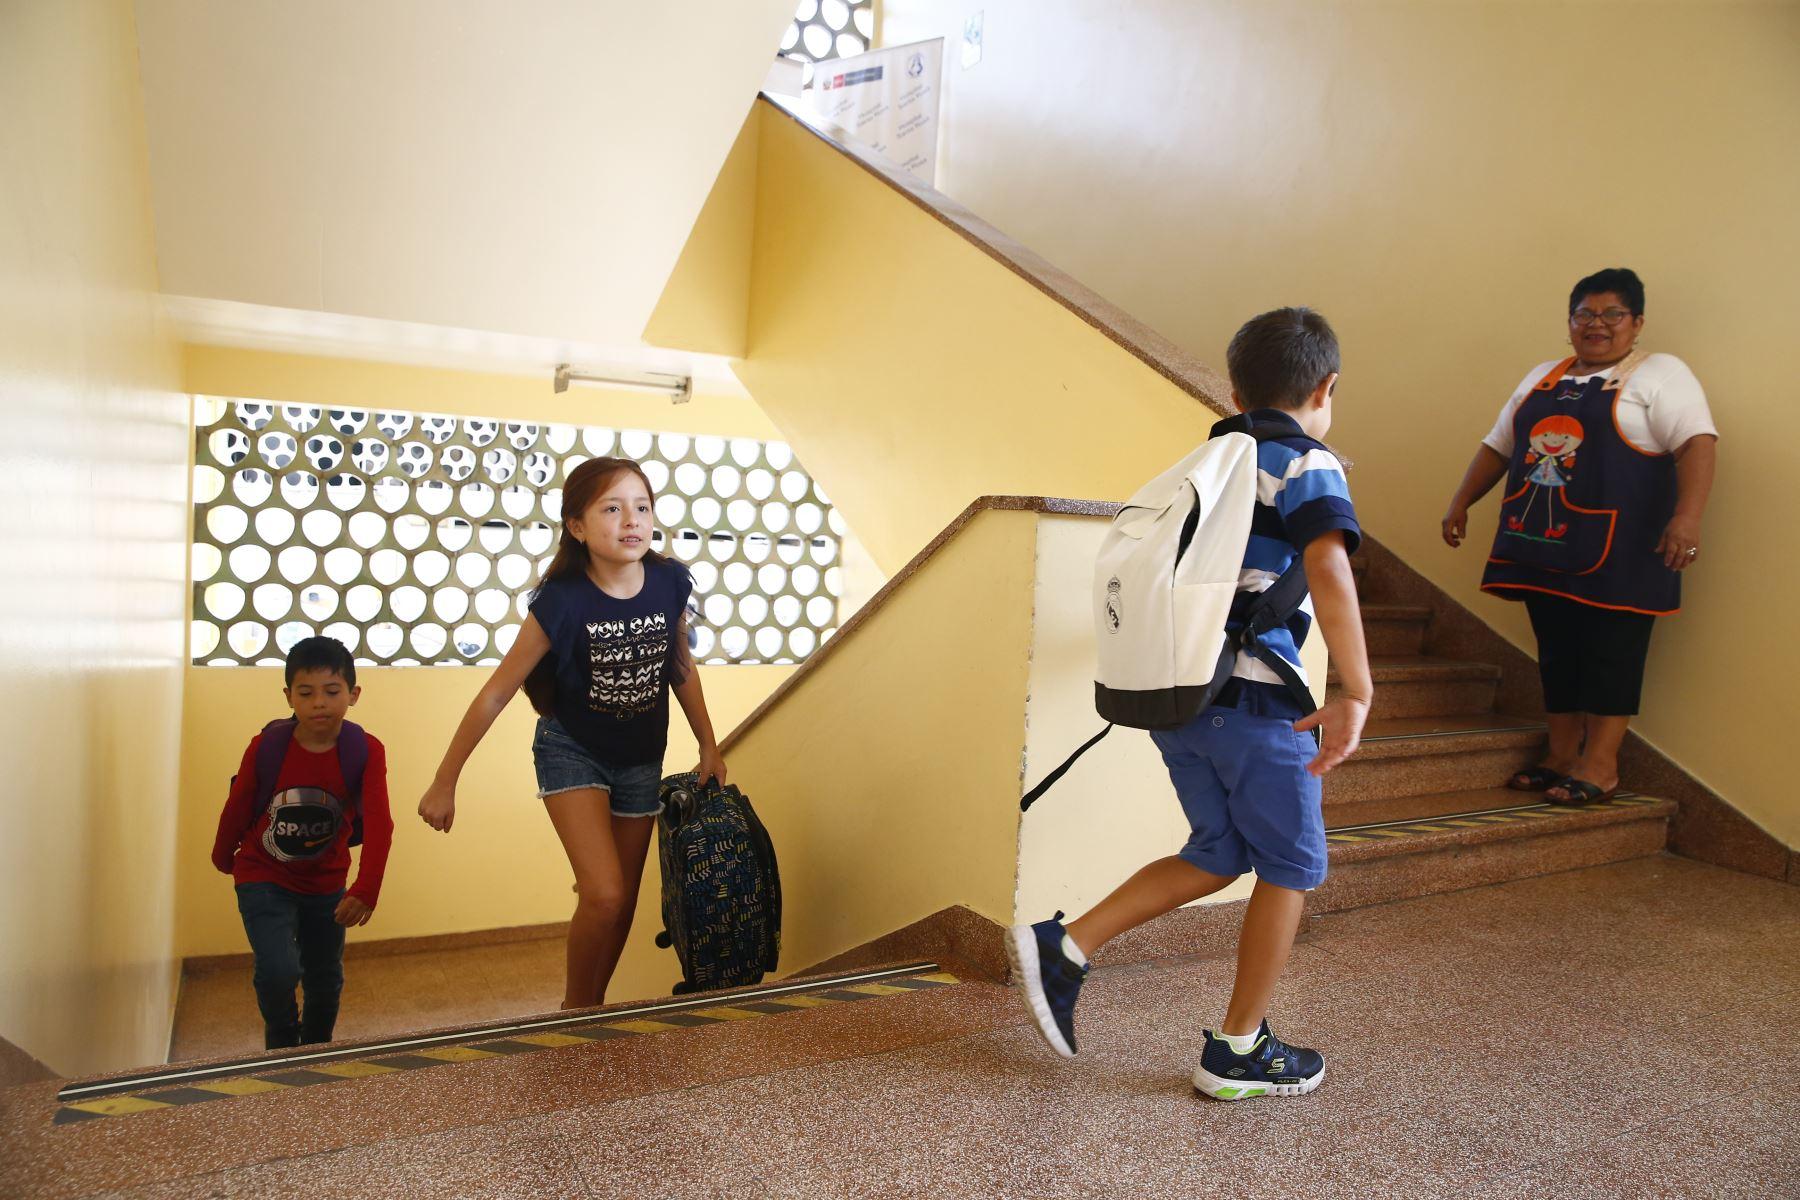 MINSA recomienda como elegir la mochila que evitará lesiones en cuello y espalda en los niños. Foto: ANDINA/Jhonel Rodríguez Robles